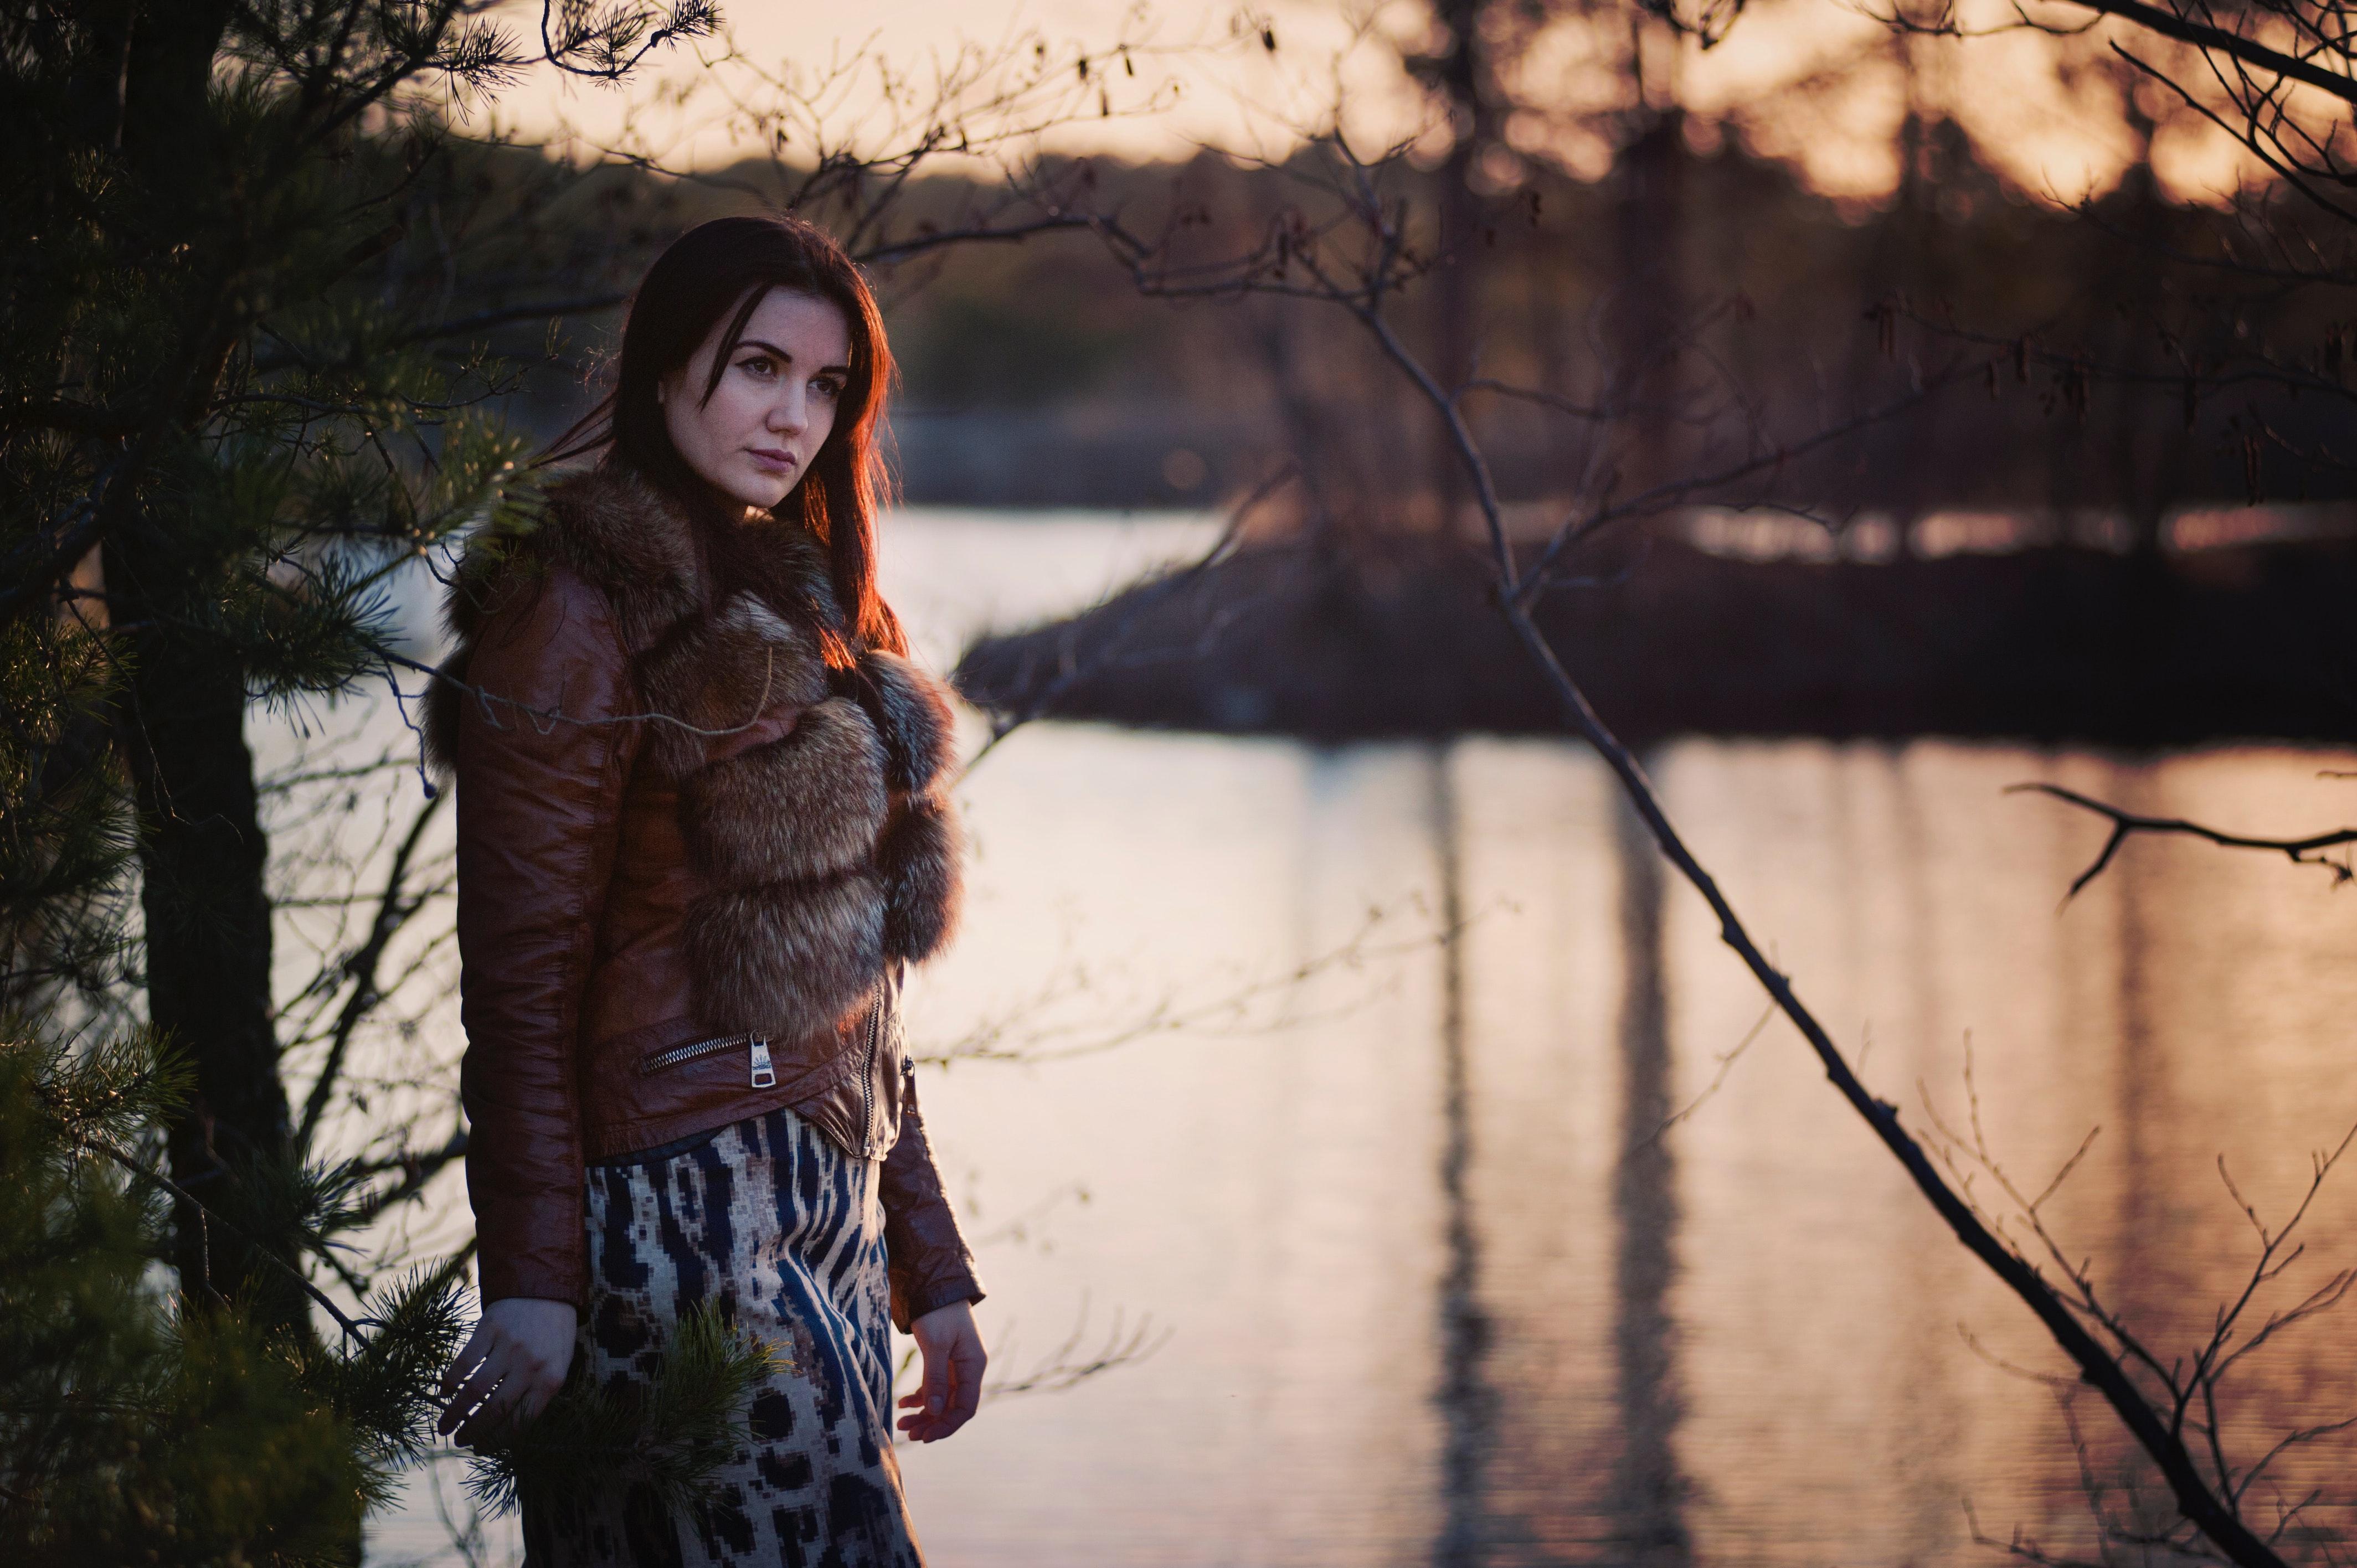 Stort udvalg af flotte nederdele og dejlige pelsjakker til skarpe priser hos Buch Copenhagen